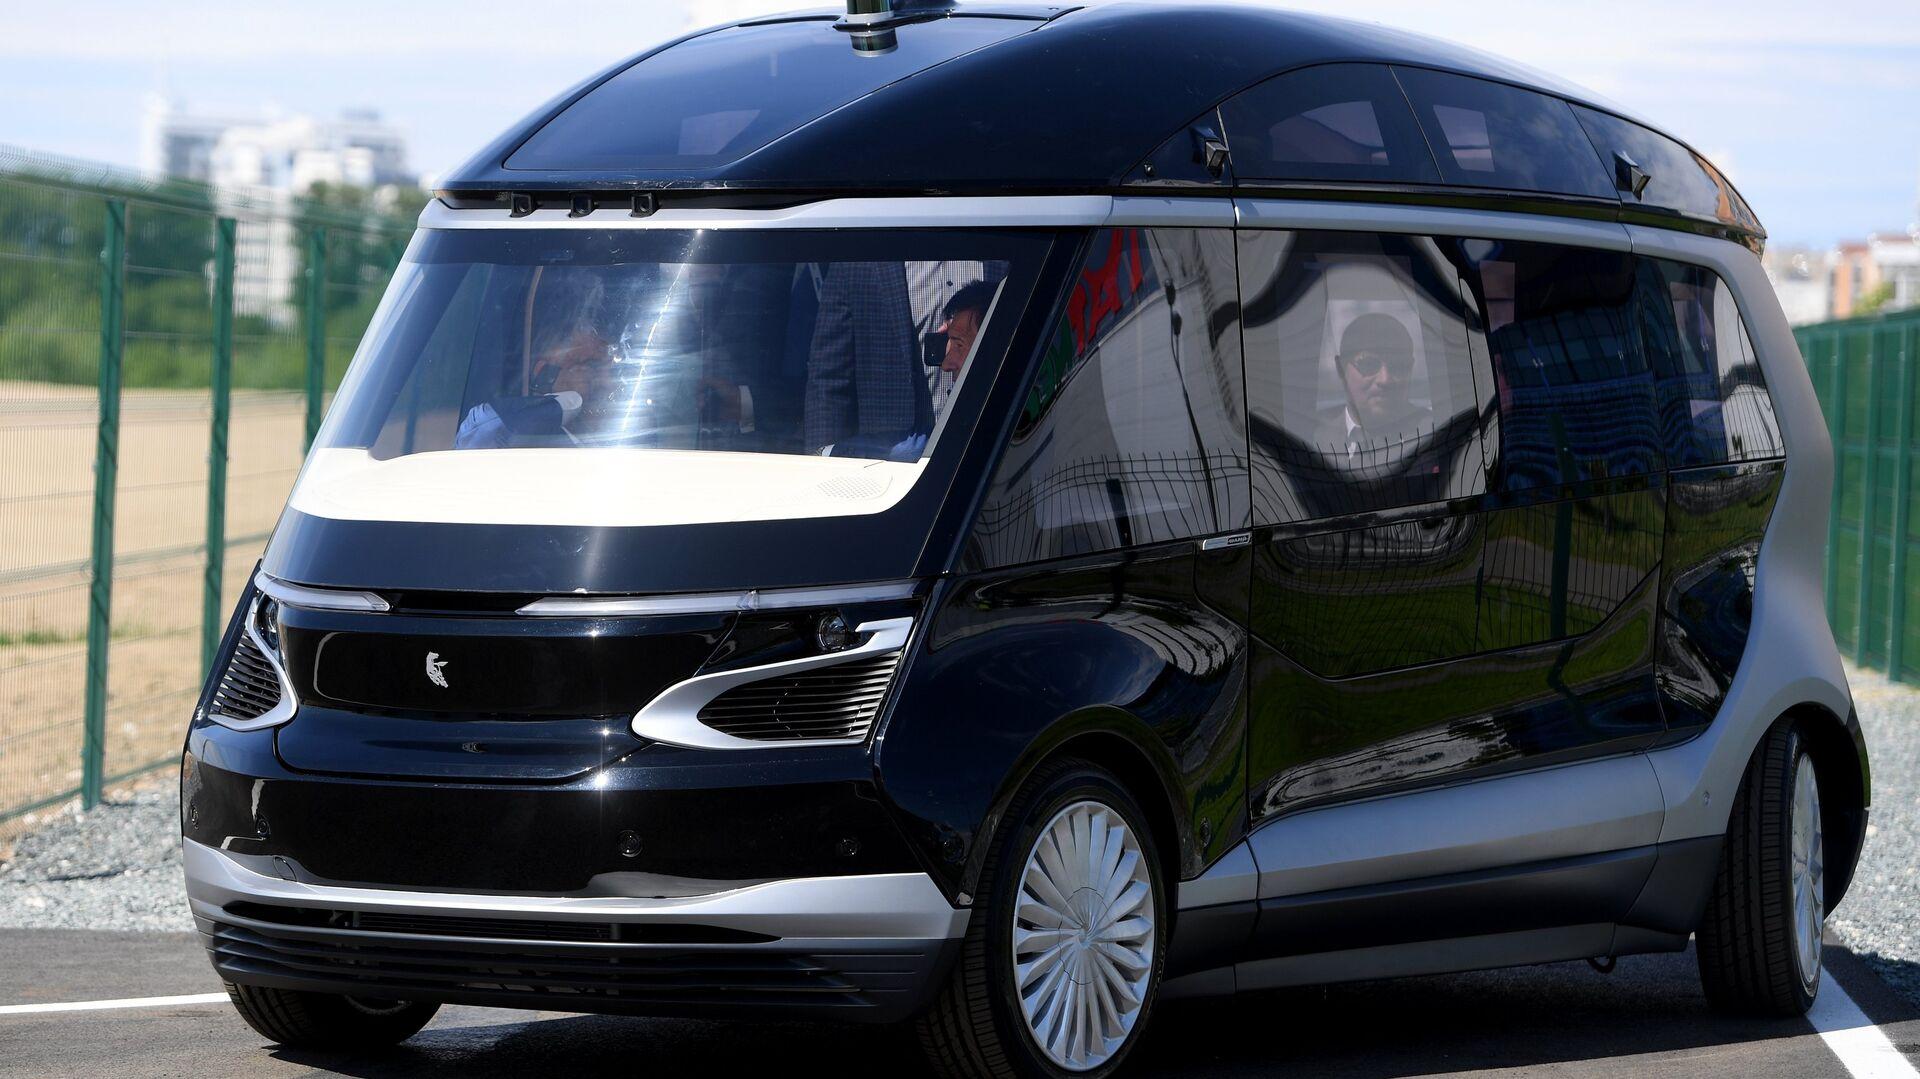 Тест-драйв прототипа беспилотного электробуса ШАТЛ, предоставленного российским производителем грузовых автомобилей Камаз, в Казани. 12 июня 2018 - РИА Новости, 1920, 31.07.2020